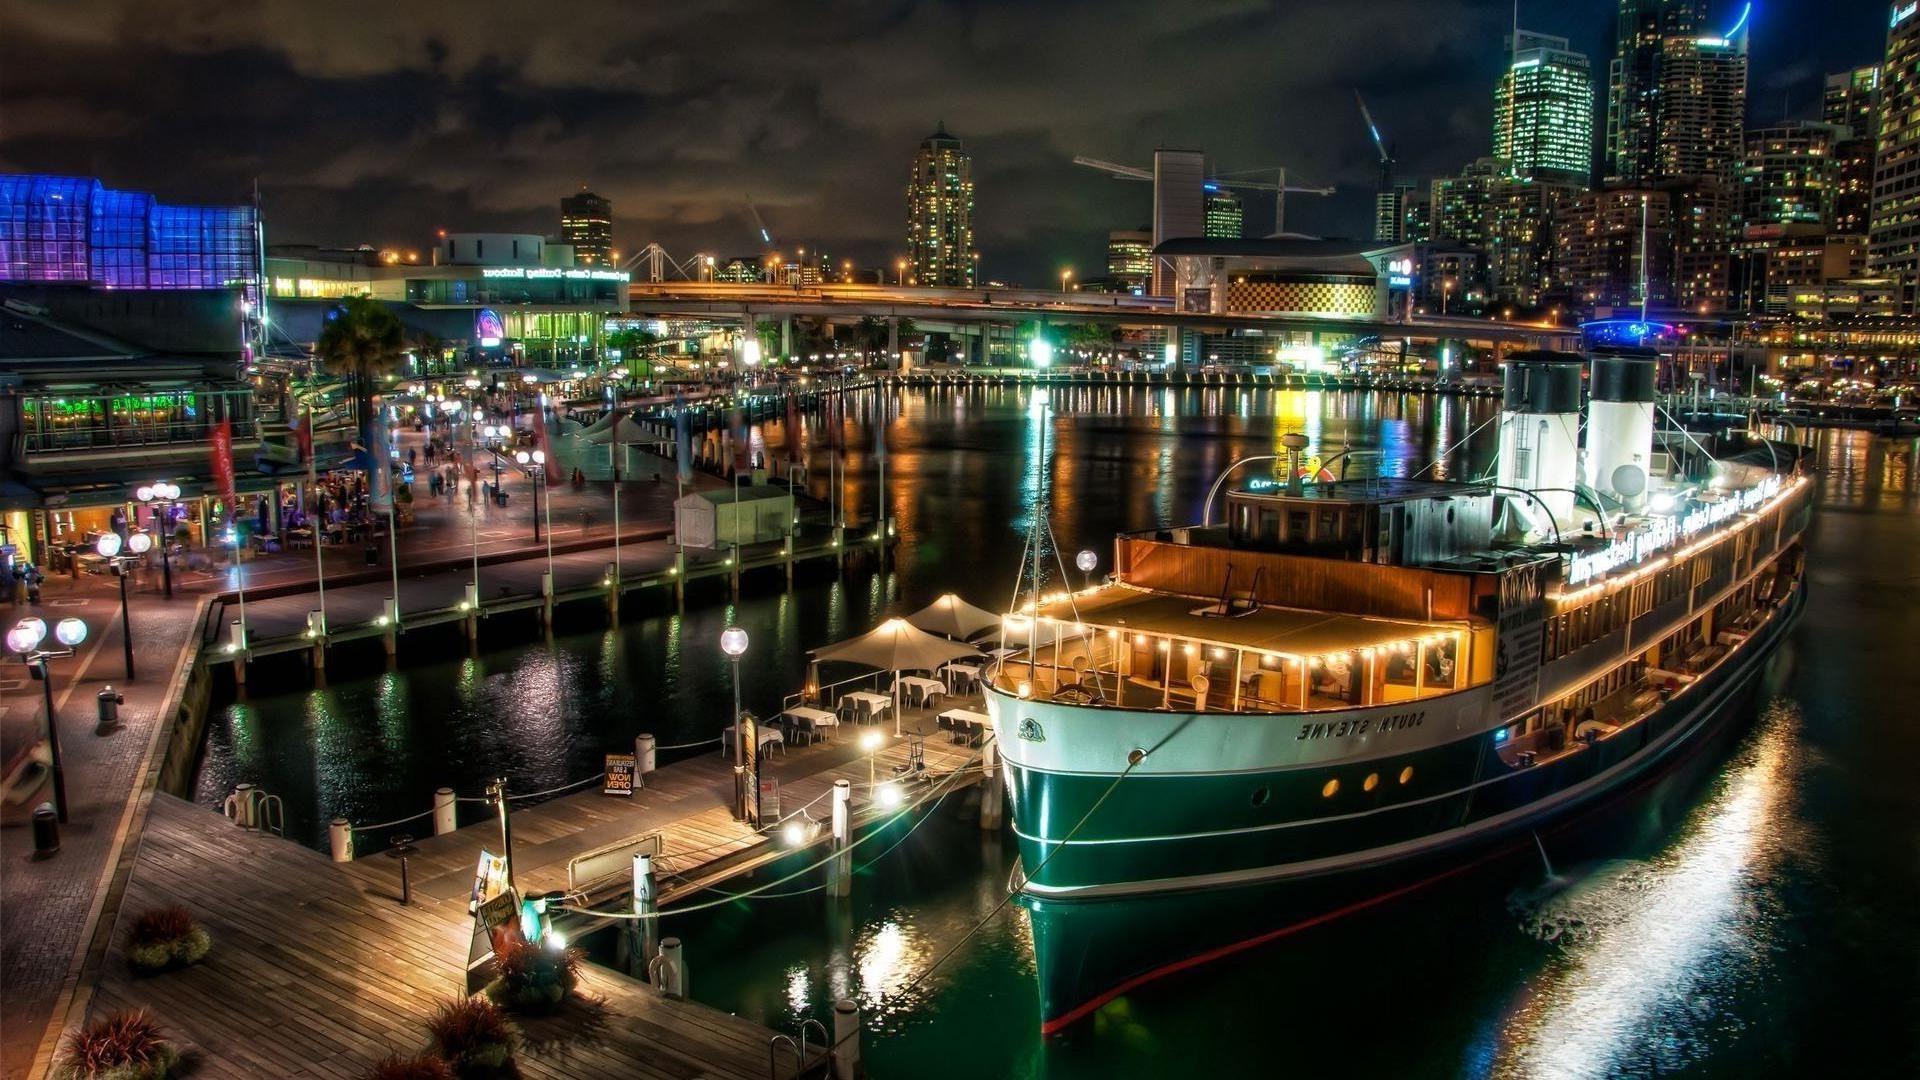 фотографии на рабочий стол яхты ночной порт понимает, что